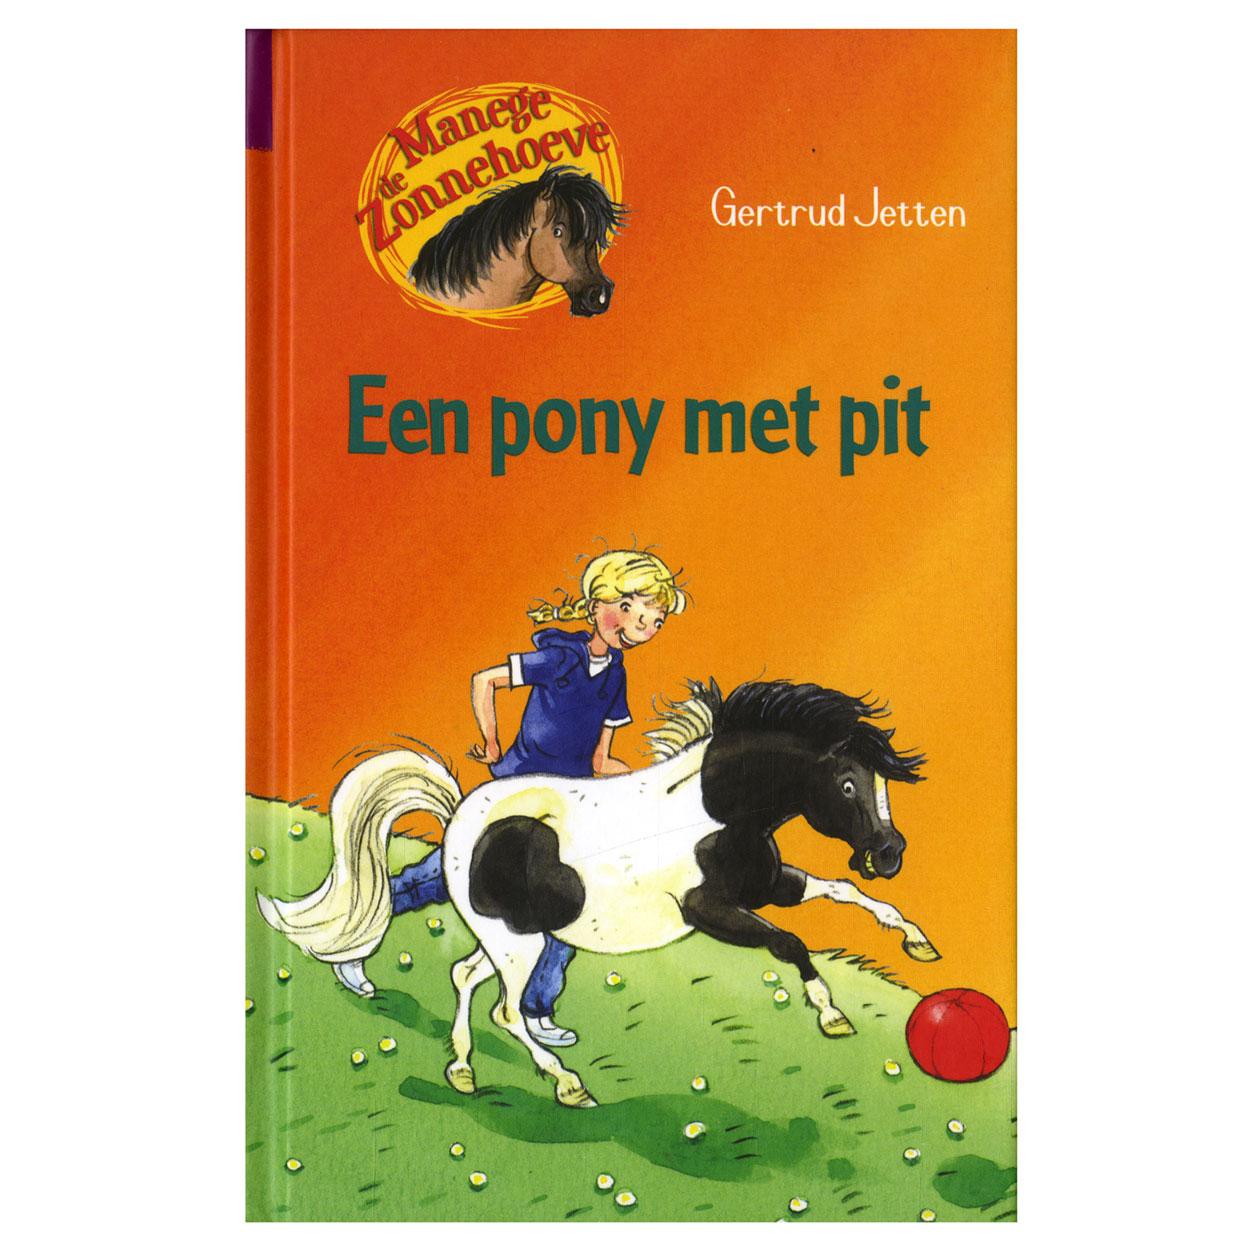 Manege De Zonnehoeve Een Pony Met Pit Online Kopen